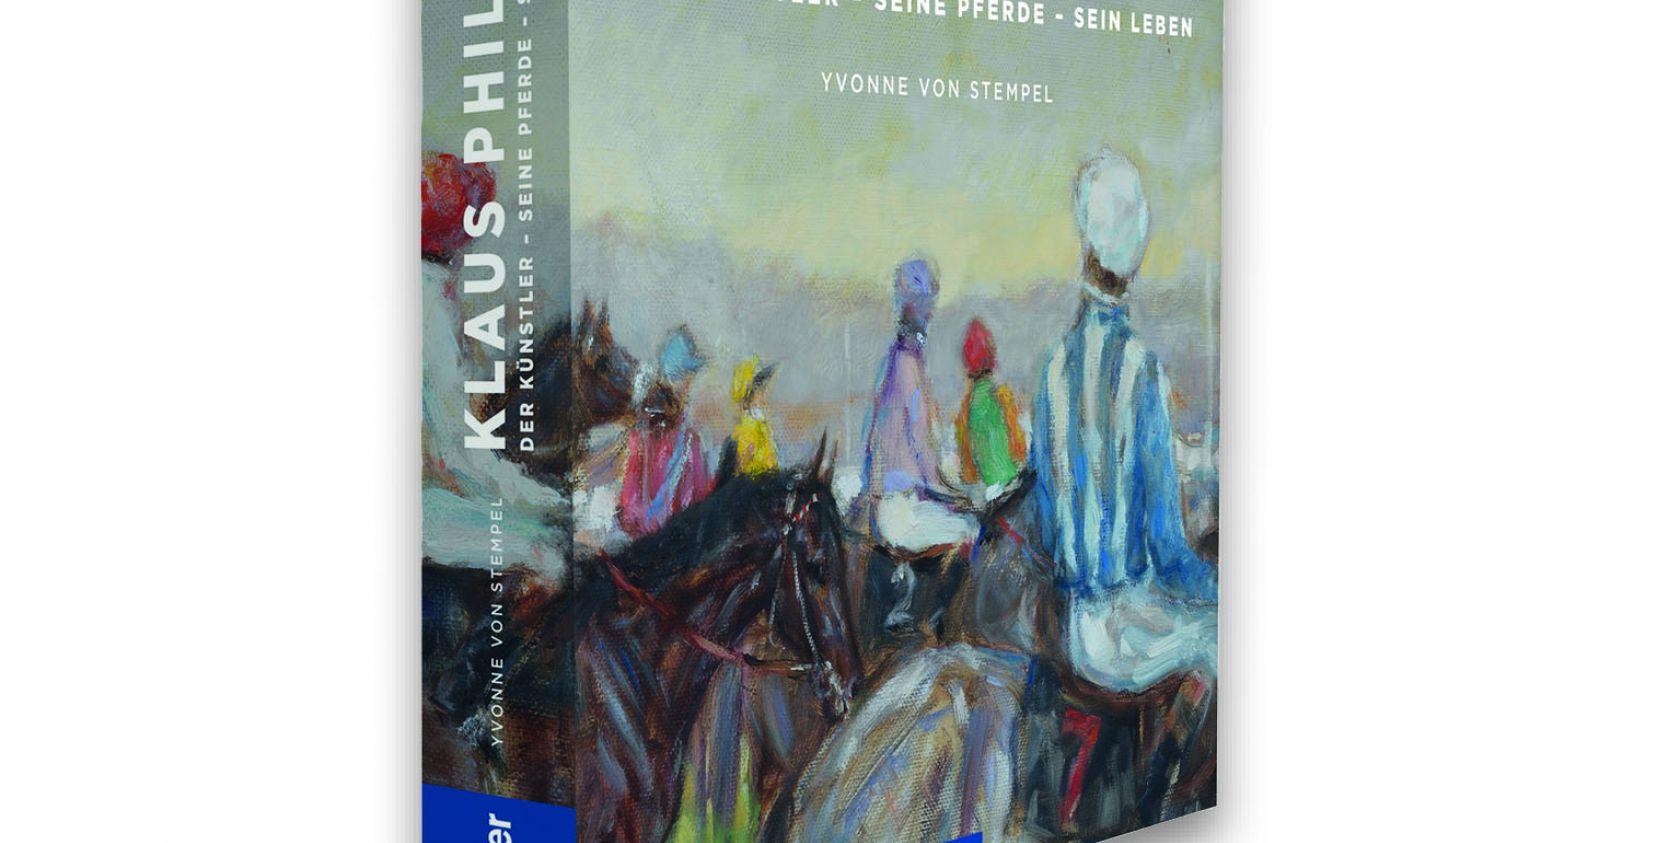 Klaus Philipp Der Künstler – seine Pferde – sein Leben